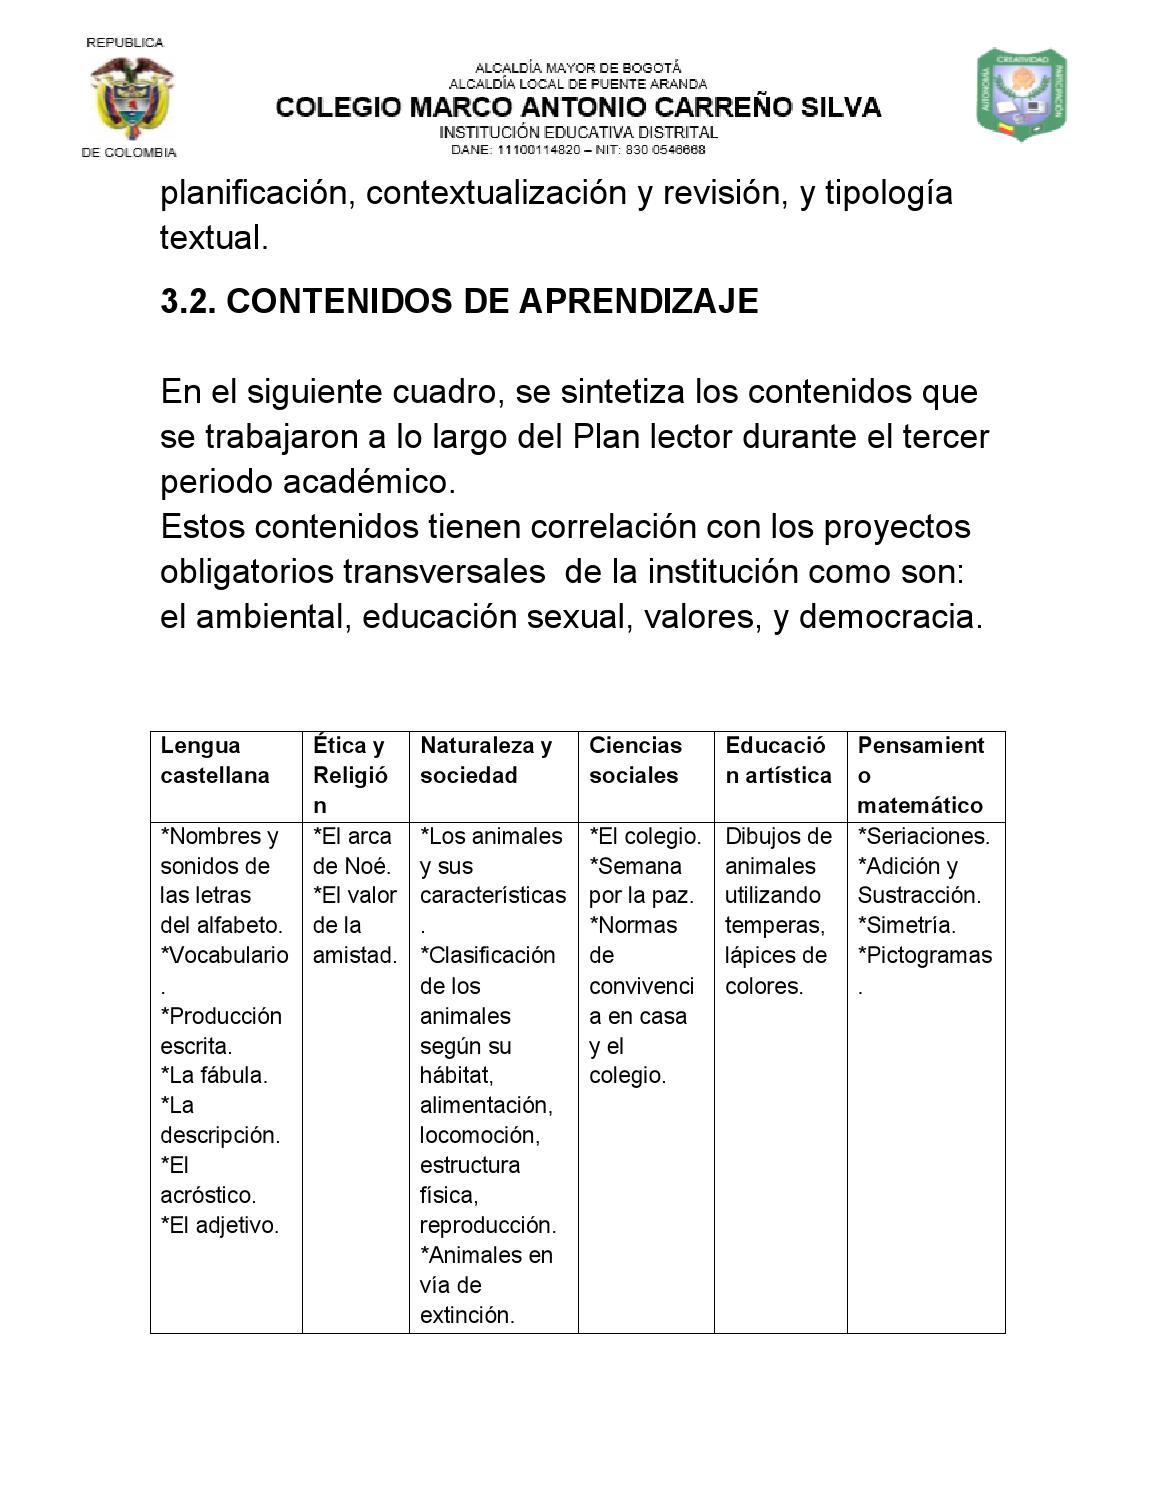 Plan lector MAC by ILEO sed unal - issuu